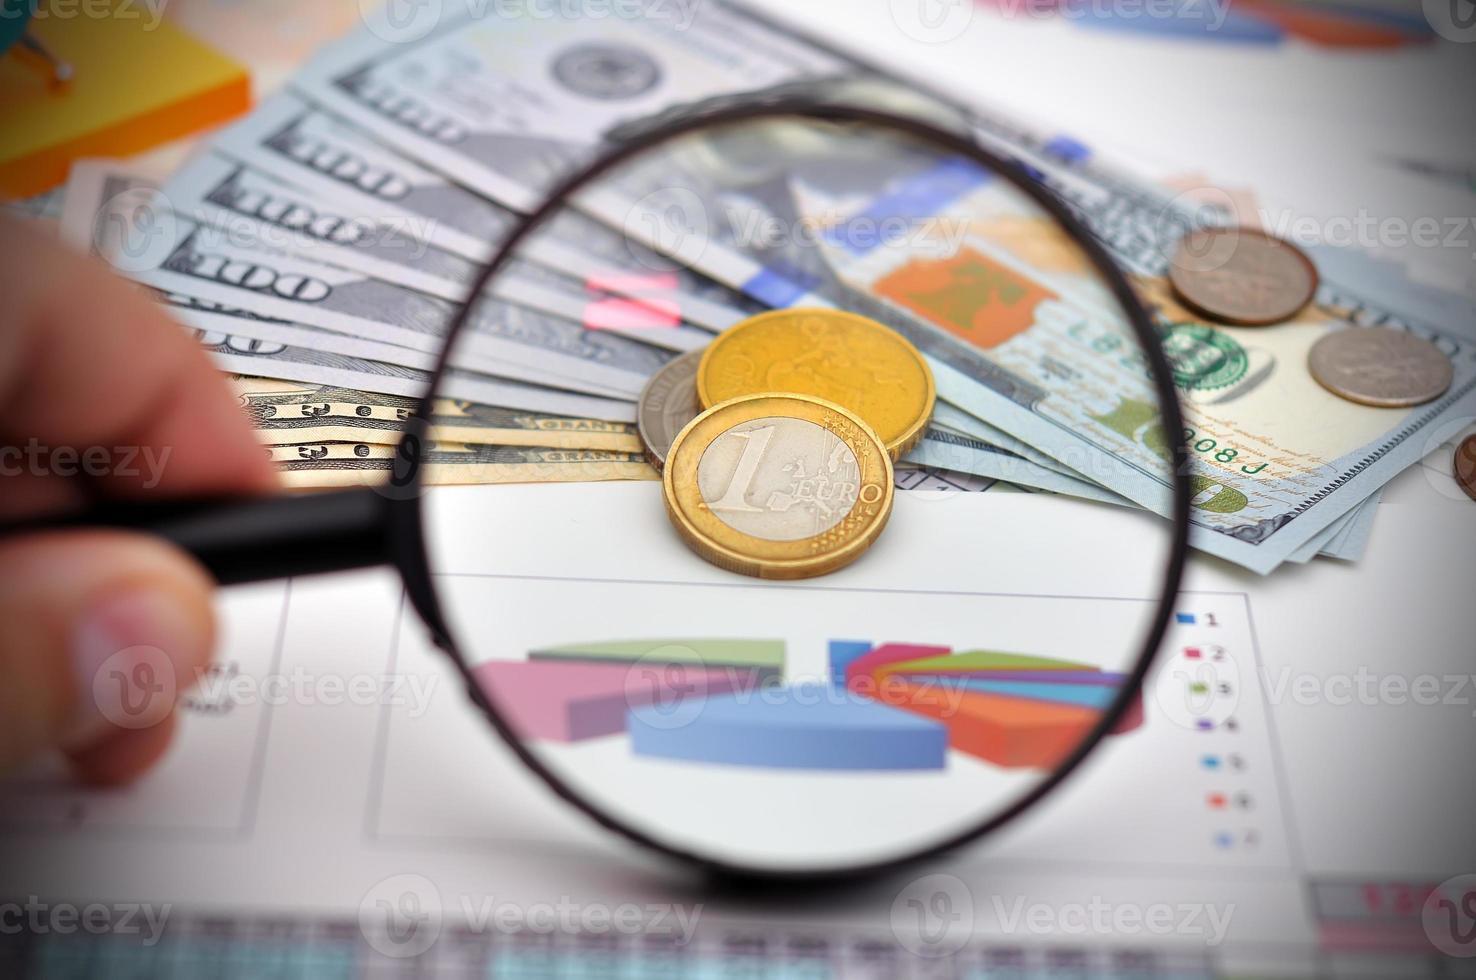 étude des pièces en euros photo